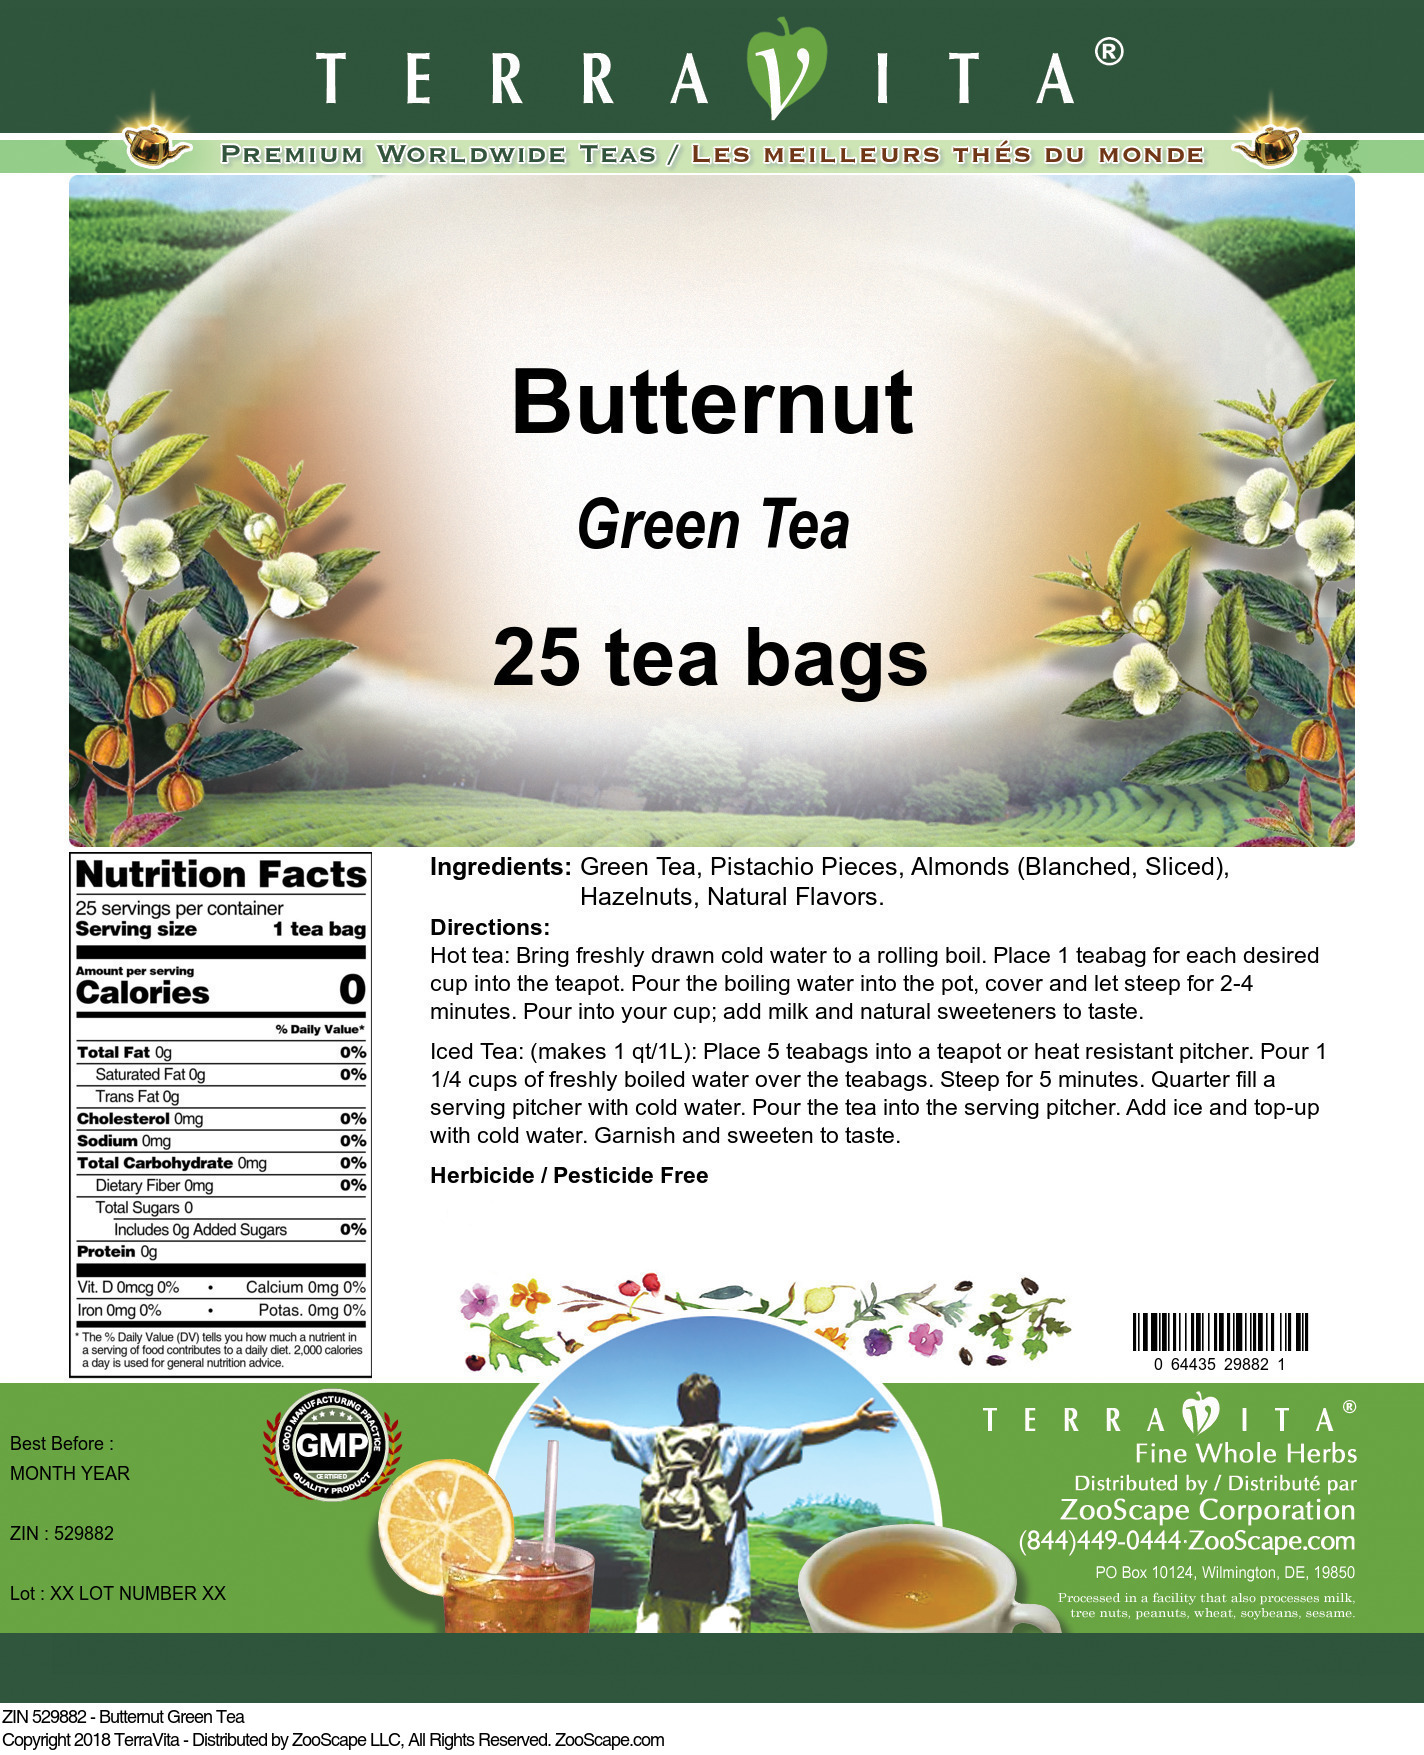 Butternut Green Tea